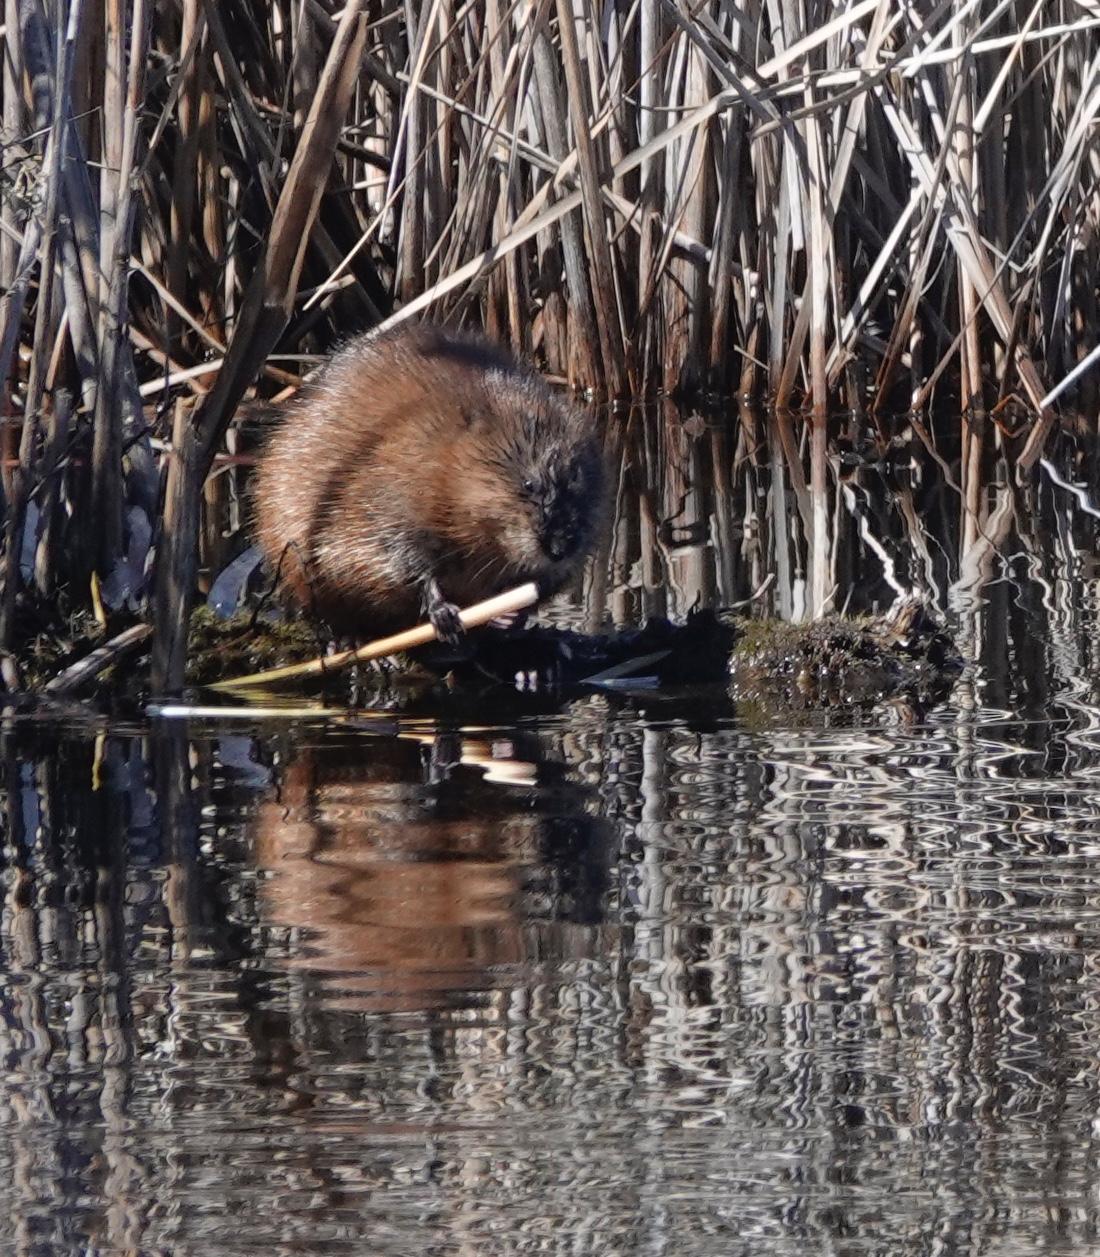 A muskrat enjoying some muskrat chow.